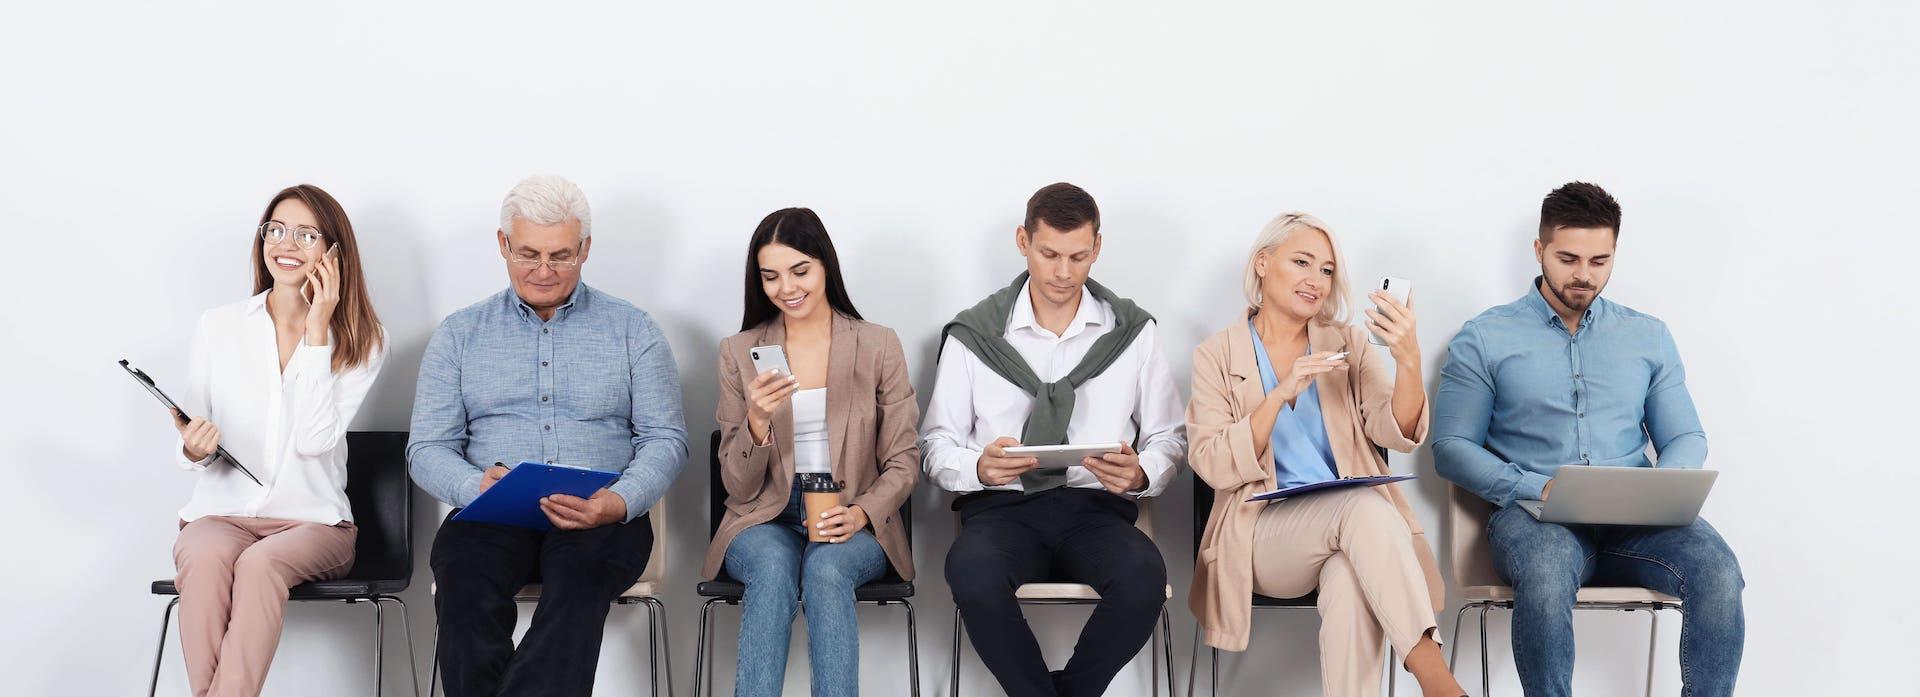 Deutscher Zahnversicherungs-Service Entscheidungshilfen Wartezeiten Wartende Menschen